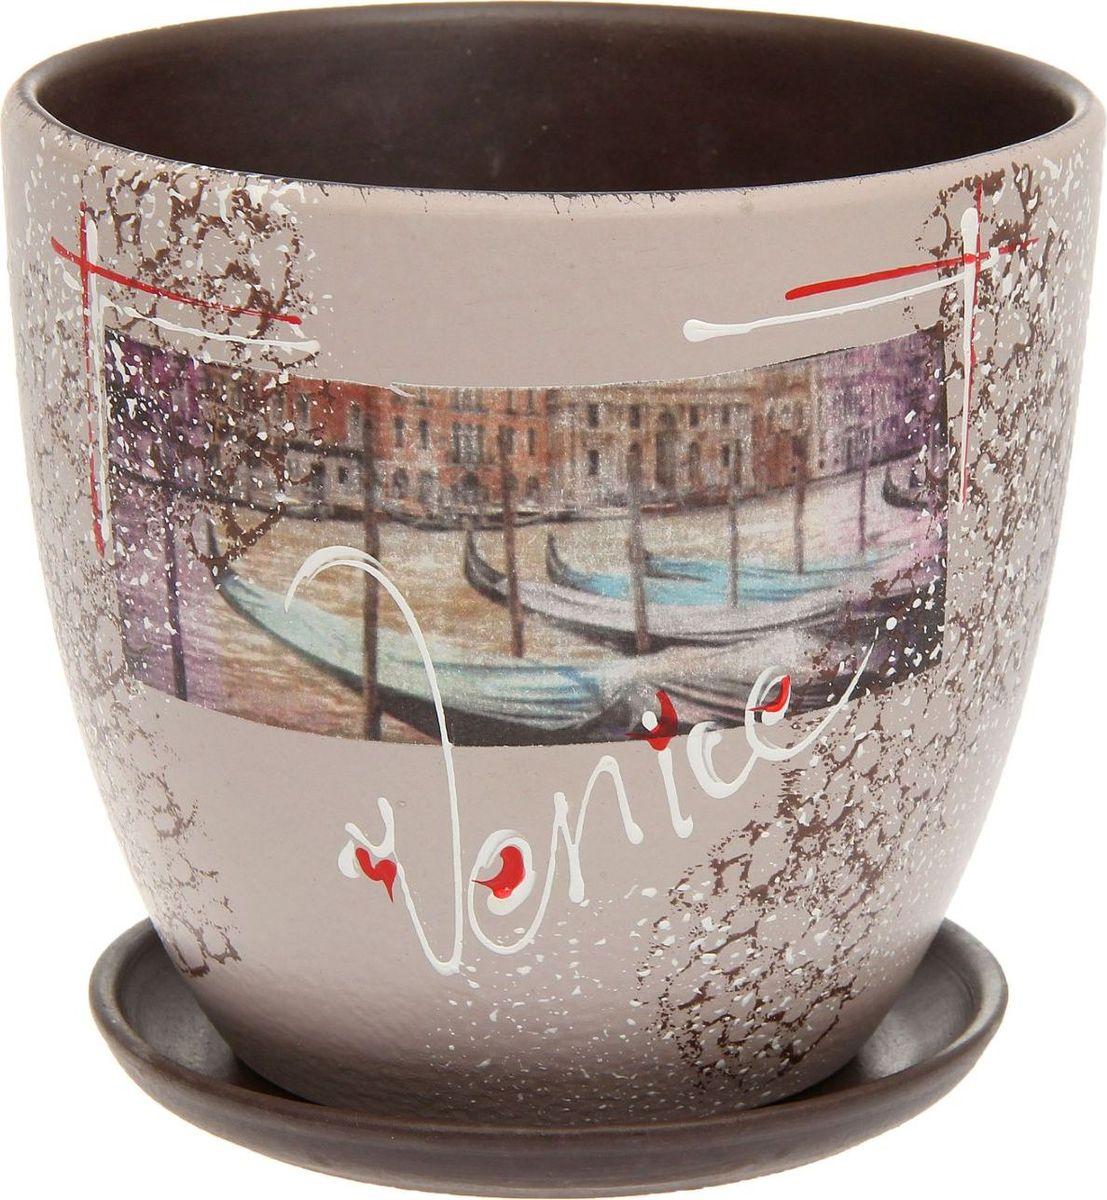 Кашпо Венеция, 2,6 л1138546Комнатные растения — всеобщие любимцы. Они радуют глаз, насыщают помещение кислородом и украшают пространство. Каждому из них необходим свой удобный и красивый дом. Кашпо из керамики прекрасно подходят для высадки растений: за счёт пластичности глины и разных способов обработки существует великое множество форм и дизайновпористый материал позволяет испаряться лишней влагевоздух, необходимый для дыхания корней, проникает сквозь керамические стенки! #name# позаботится о зелёном питомце, освежит интерьер и подчеркнёт его стиль.